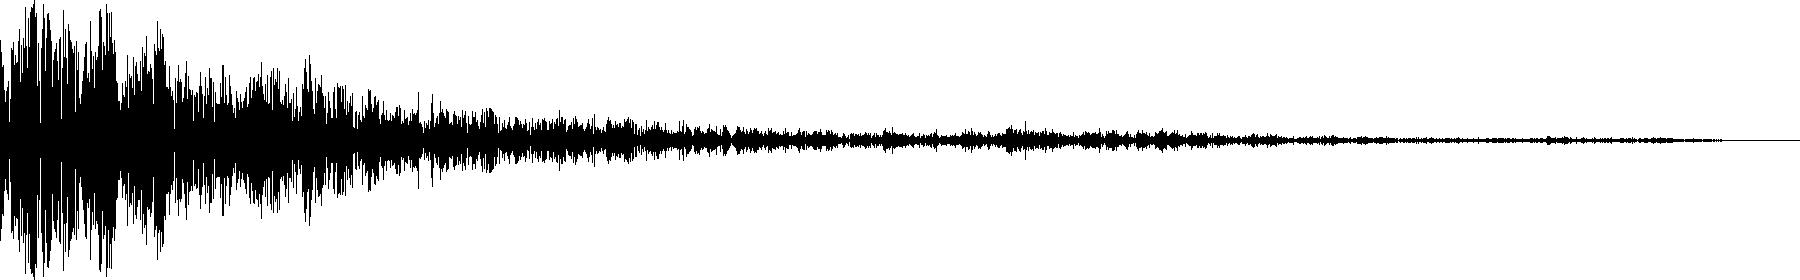 tambourine 014